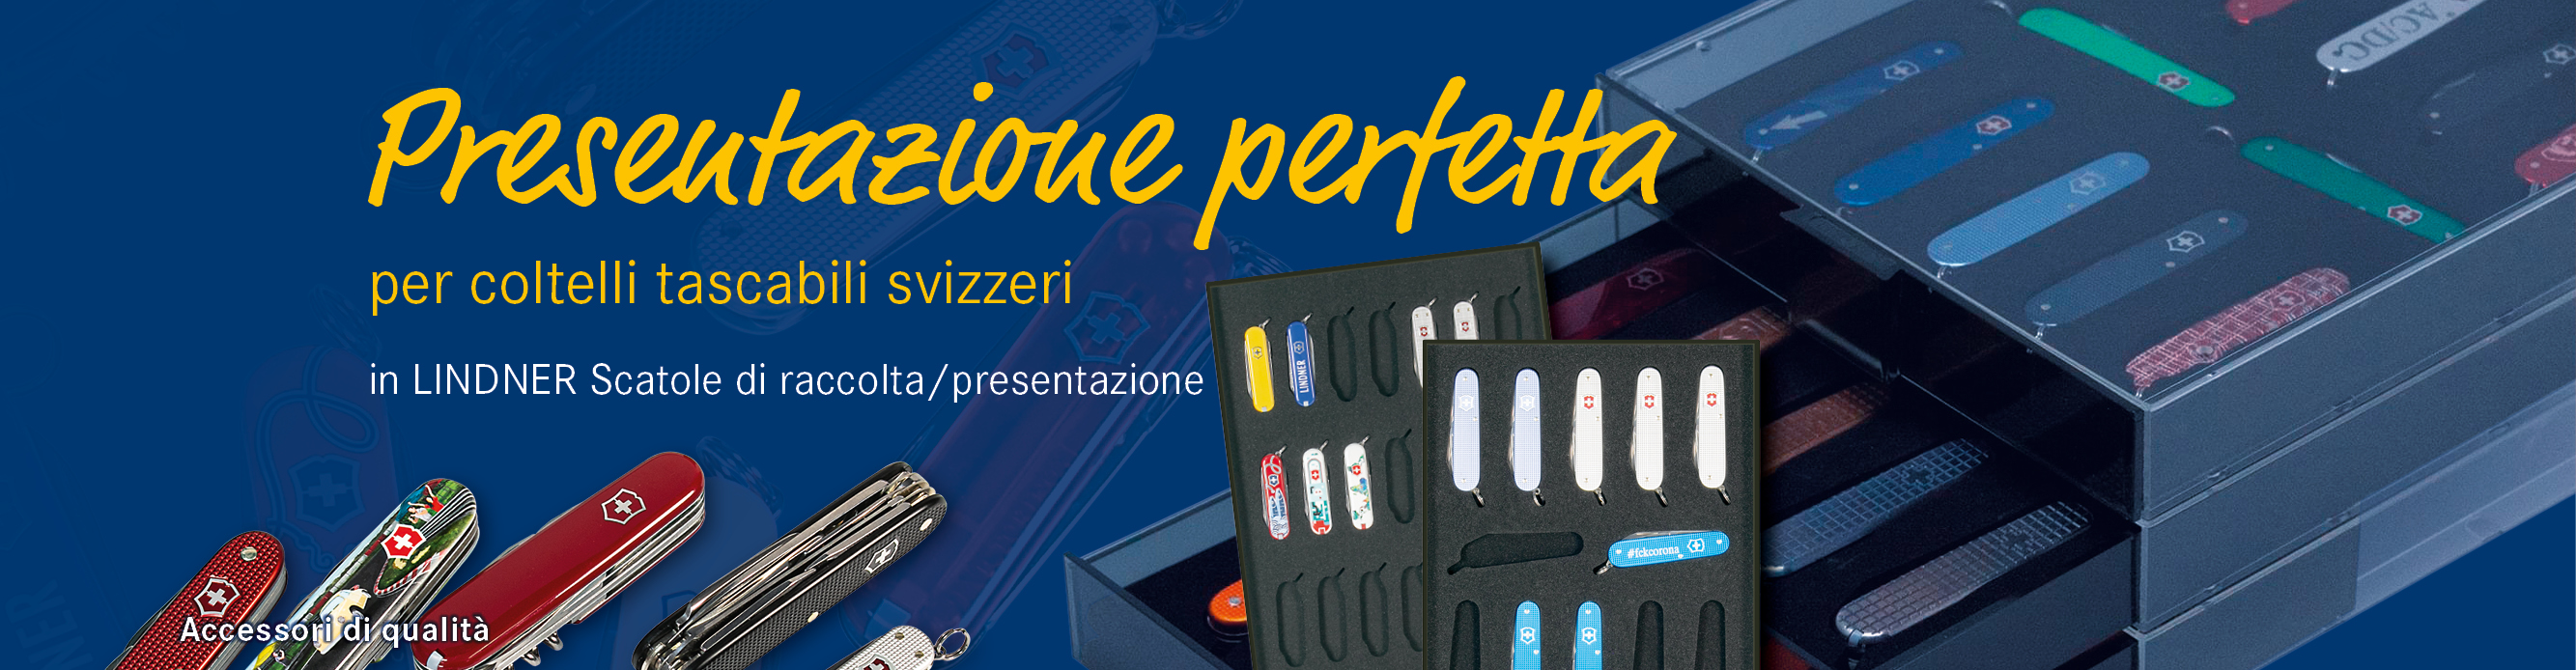 Presentazione perfetta per coltelli tascabili svizzeri